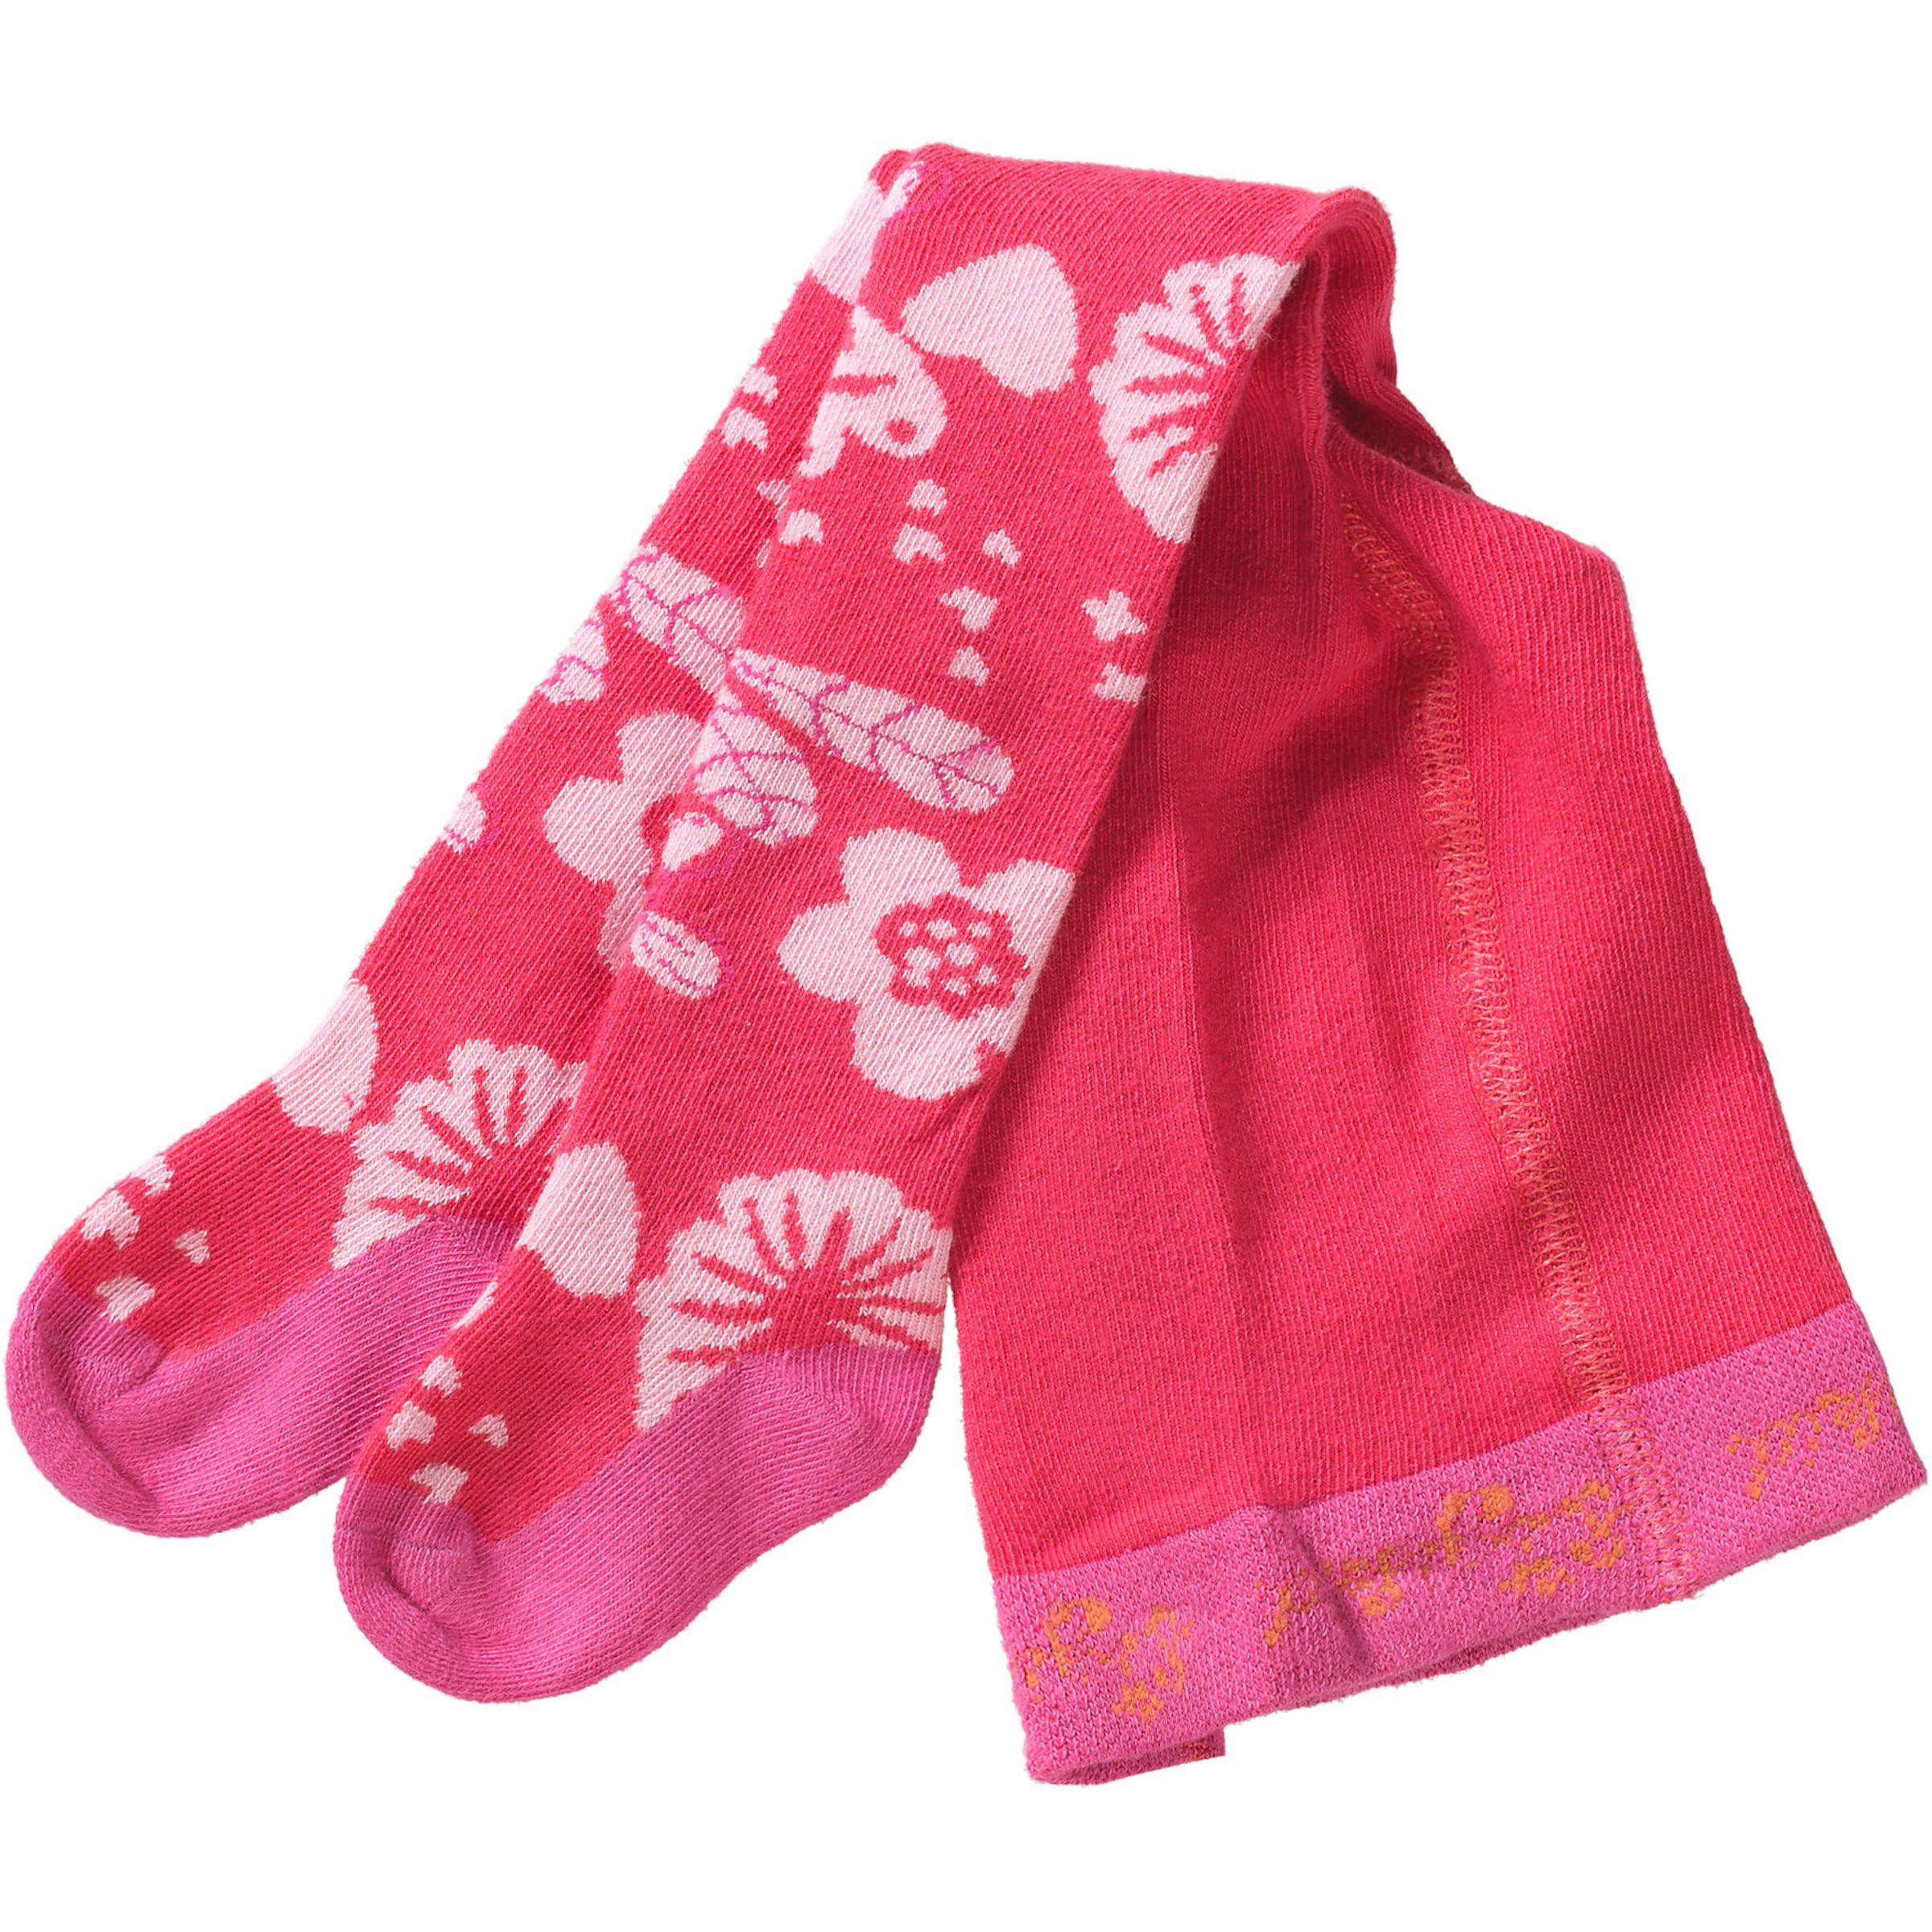 Baby,  Kinder,  Kinder,  Mädchen,  Kinder SIGIKID Baby Strickstrumpfhose blau, grau, pink, schwarz,  weiß | 04045646088650